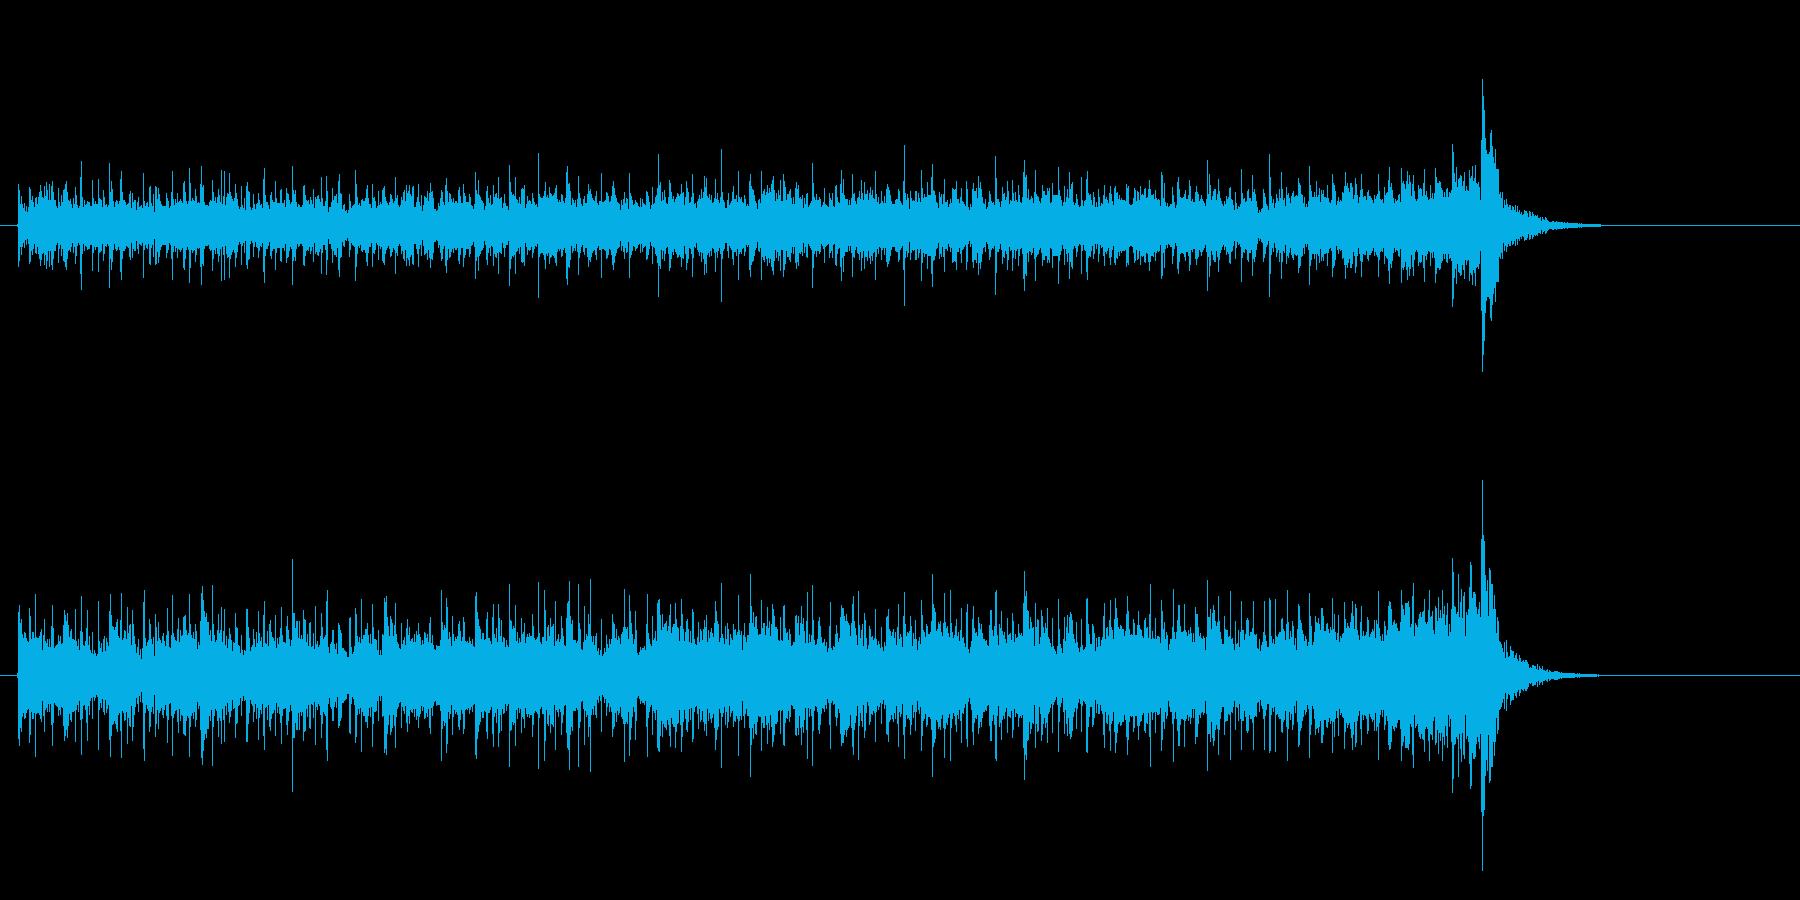 不思議で奇妙なワールドミュージックの再生済みの波形